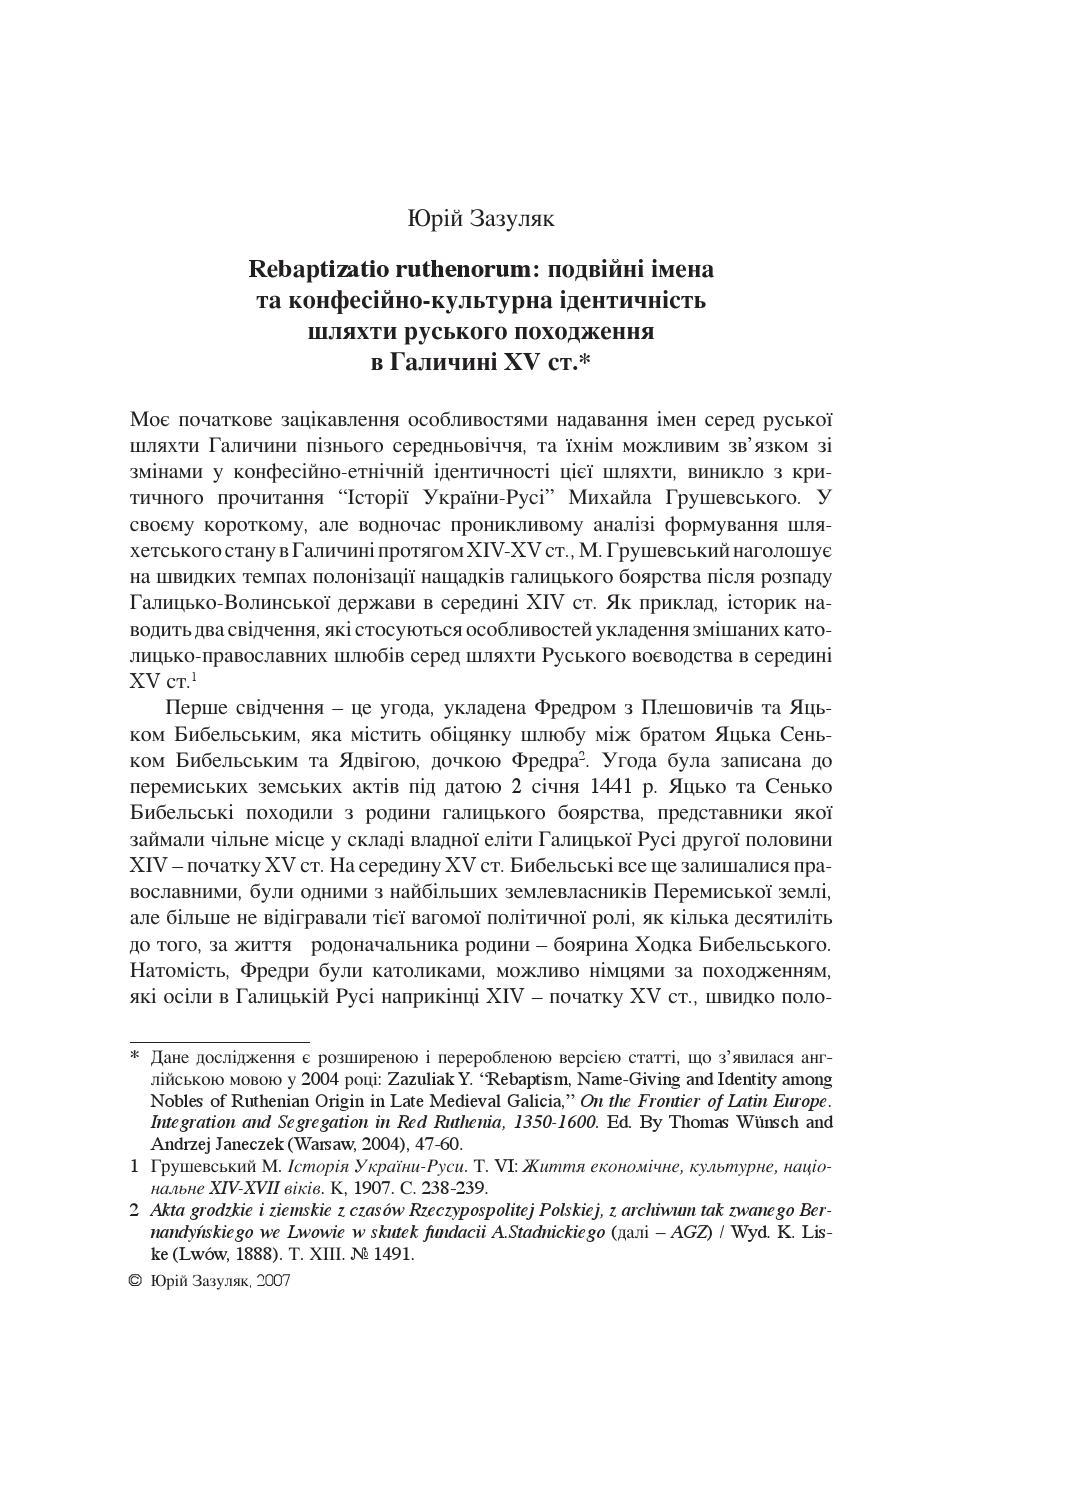 Rеbарtizatio ruthenorum: подвійні імена та конфесійно-культурна ідентичність шляхти руського походження в Галичині XV ст, Юрій Зазуляк